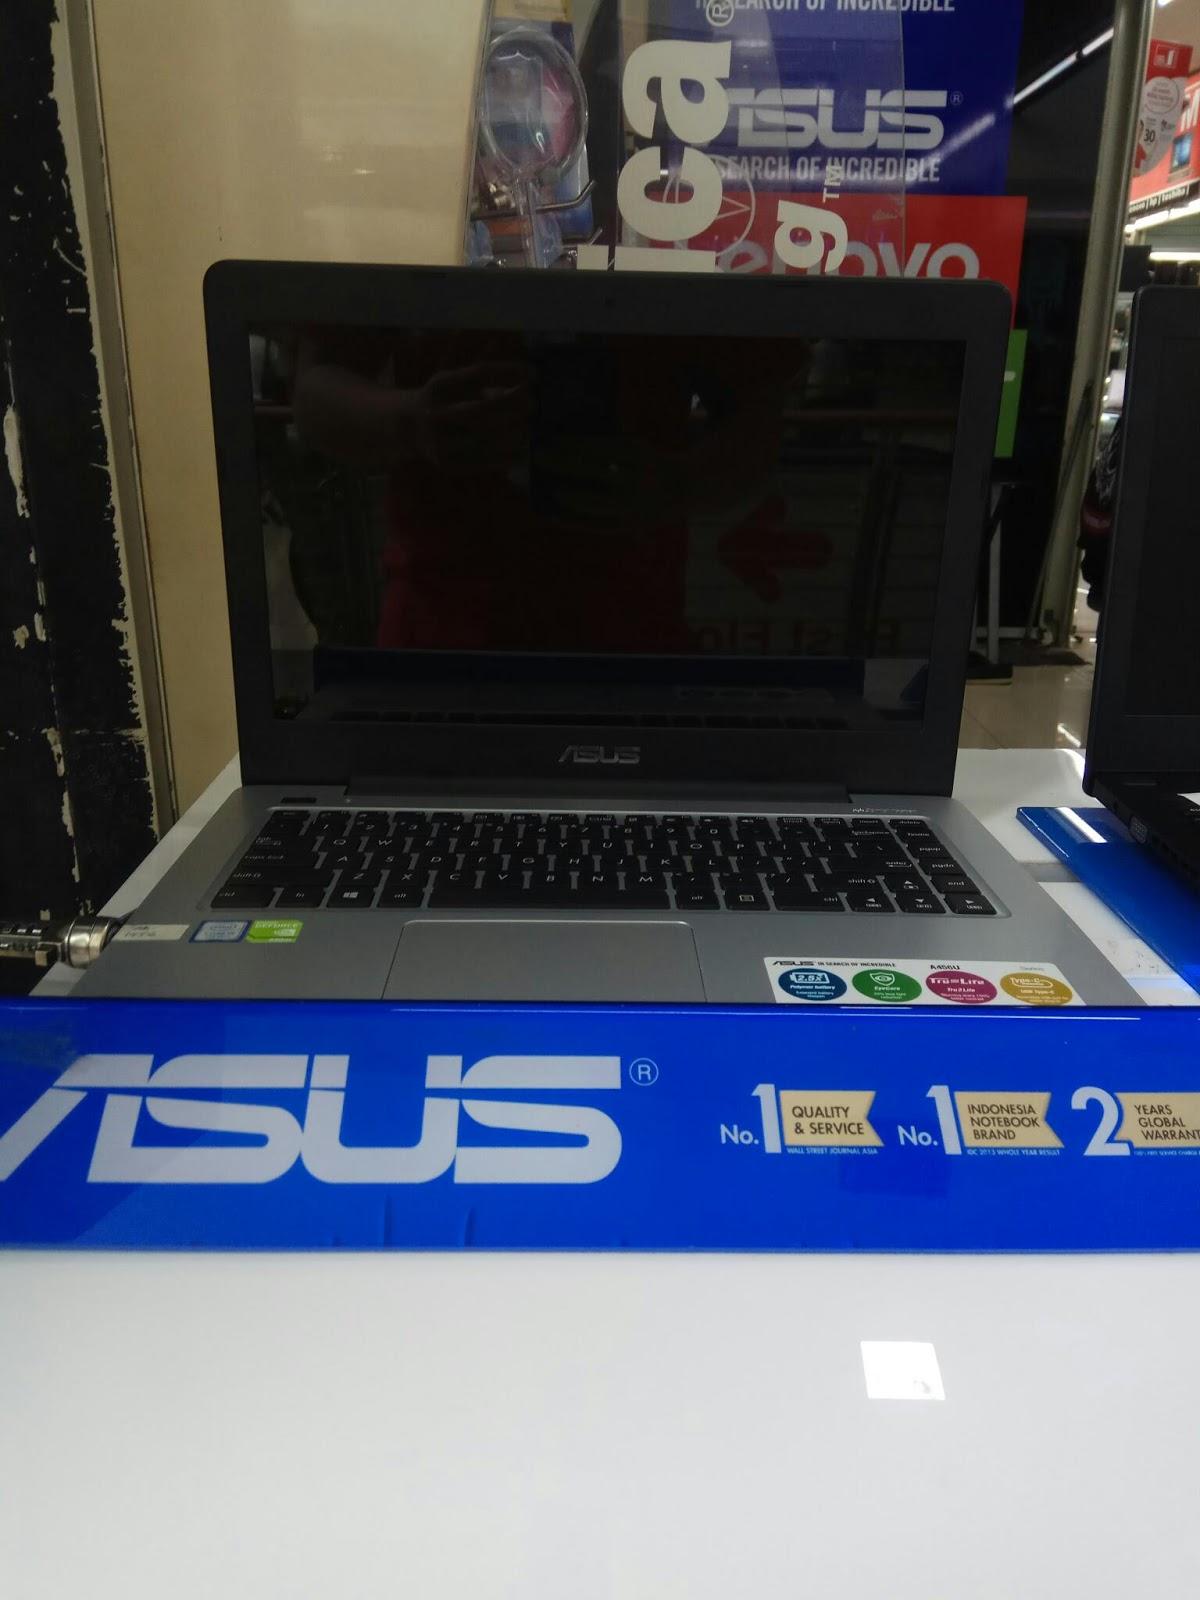 Info Harga Asus Vivobook Flip Tp501ub I7 6500u 4gb 1tb Gt940m W10 A456ur Ga092d Notebook Gold Intel Core I5 7200u 14ampquot Gt930mx 2gb Dos A456uq 7500u 8gb Dvdrw Nvidia Gt940mx 14 Resmi